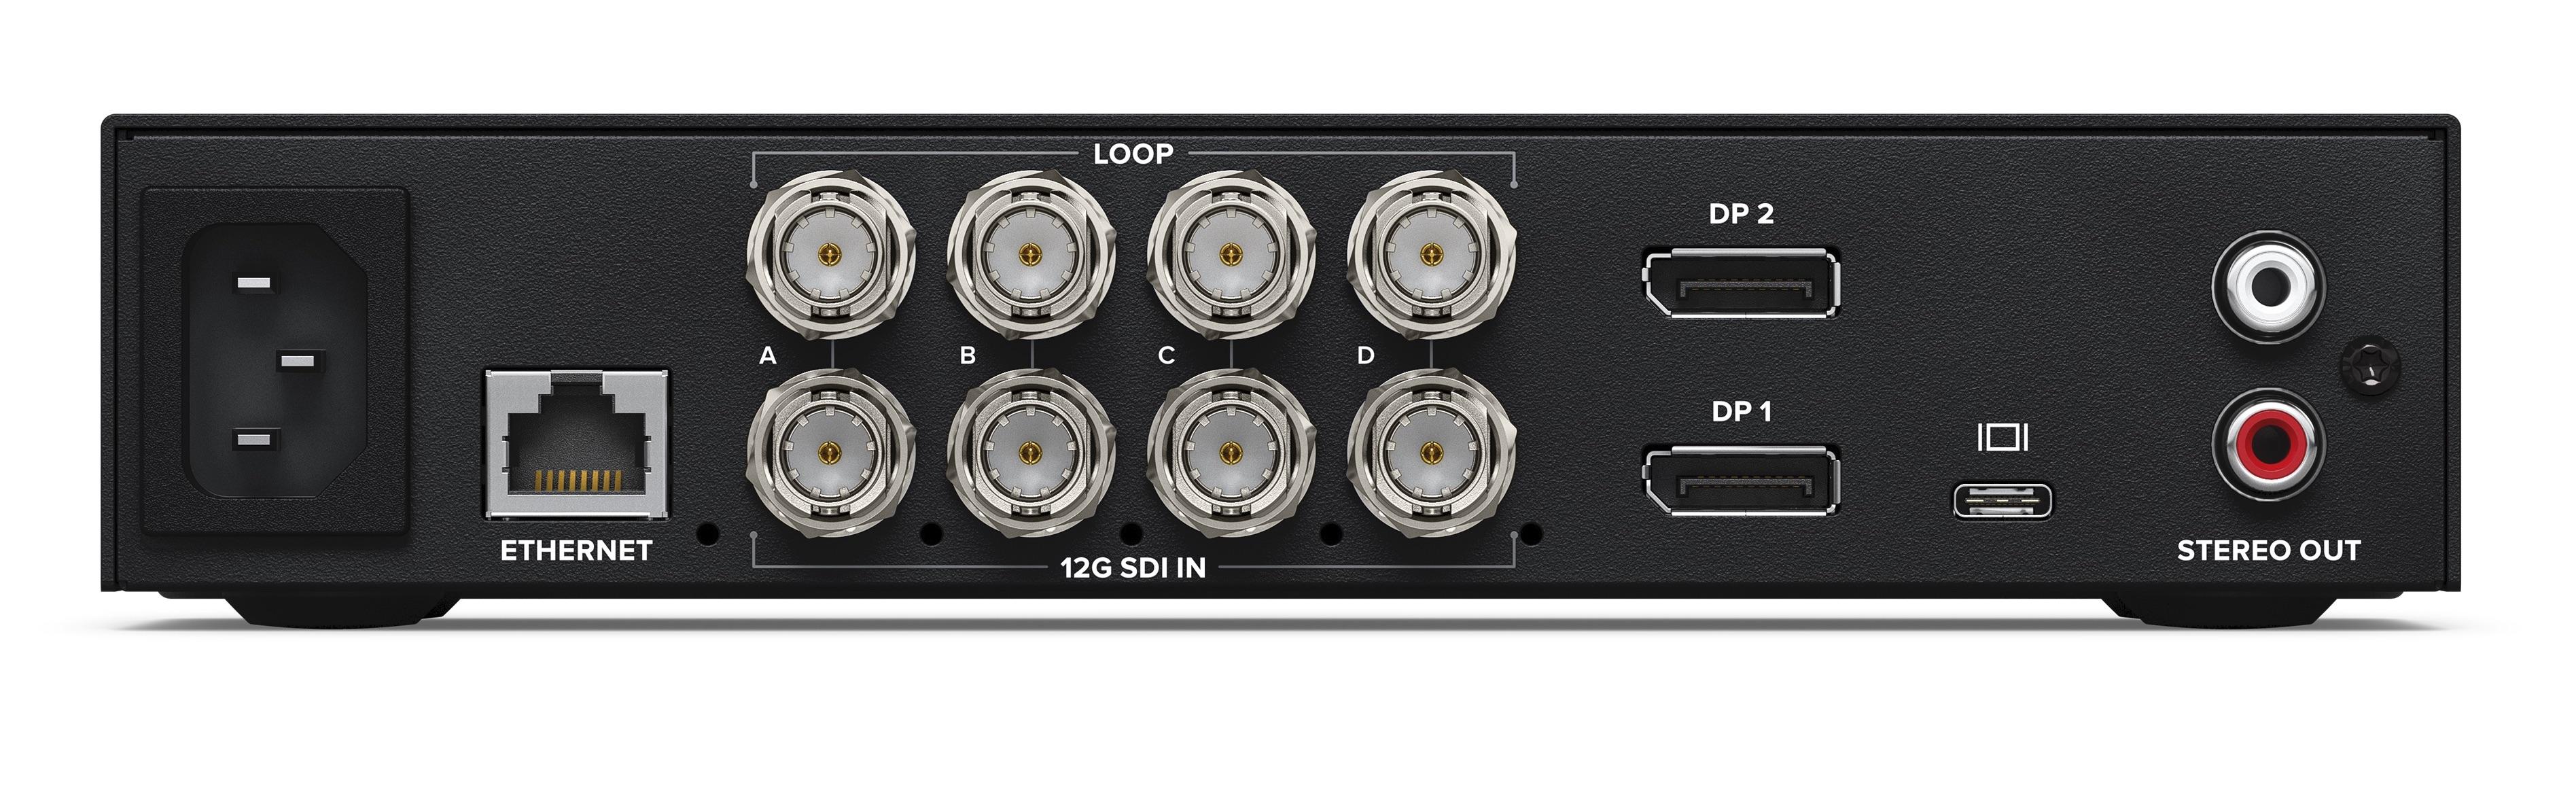 teranex-mini-sdi-to-displayport-8k-hdr-rear-2